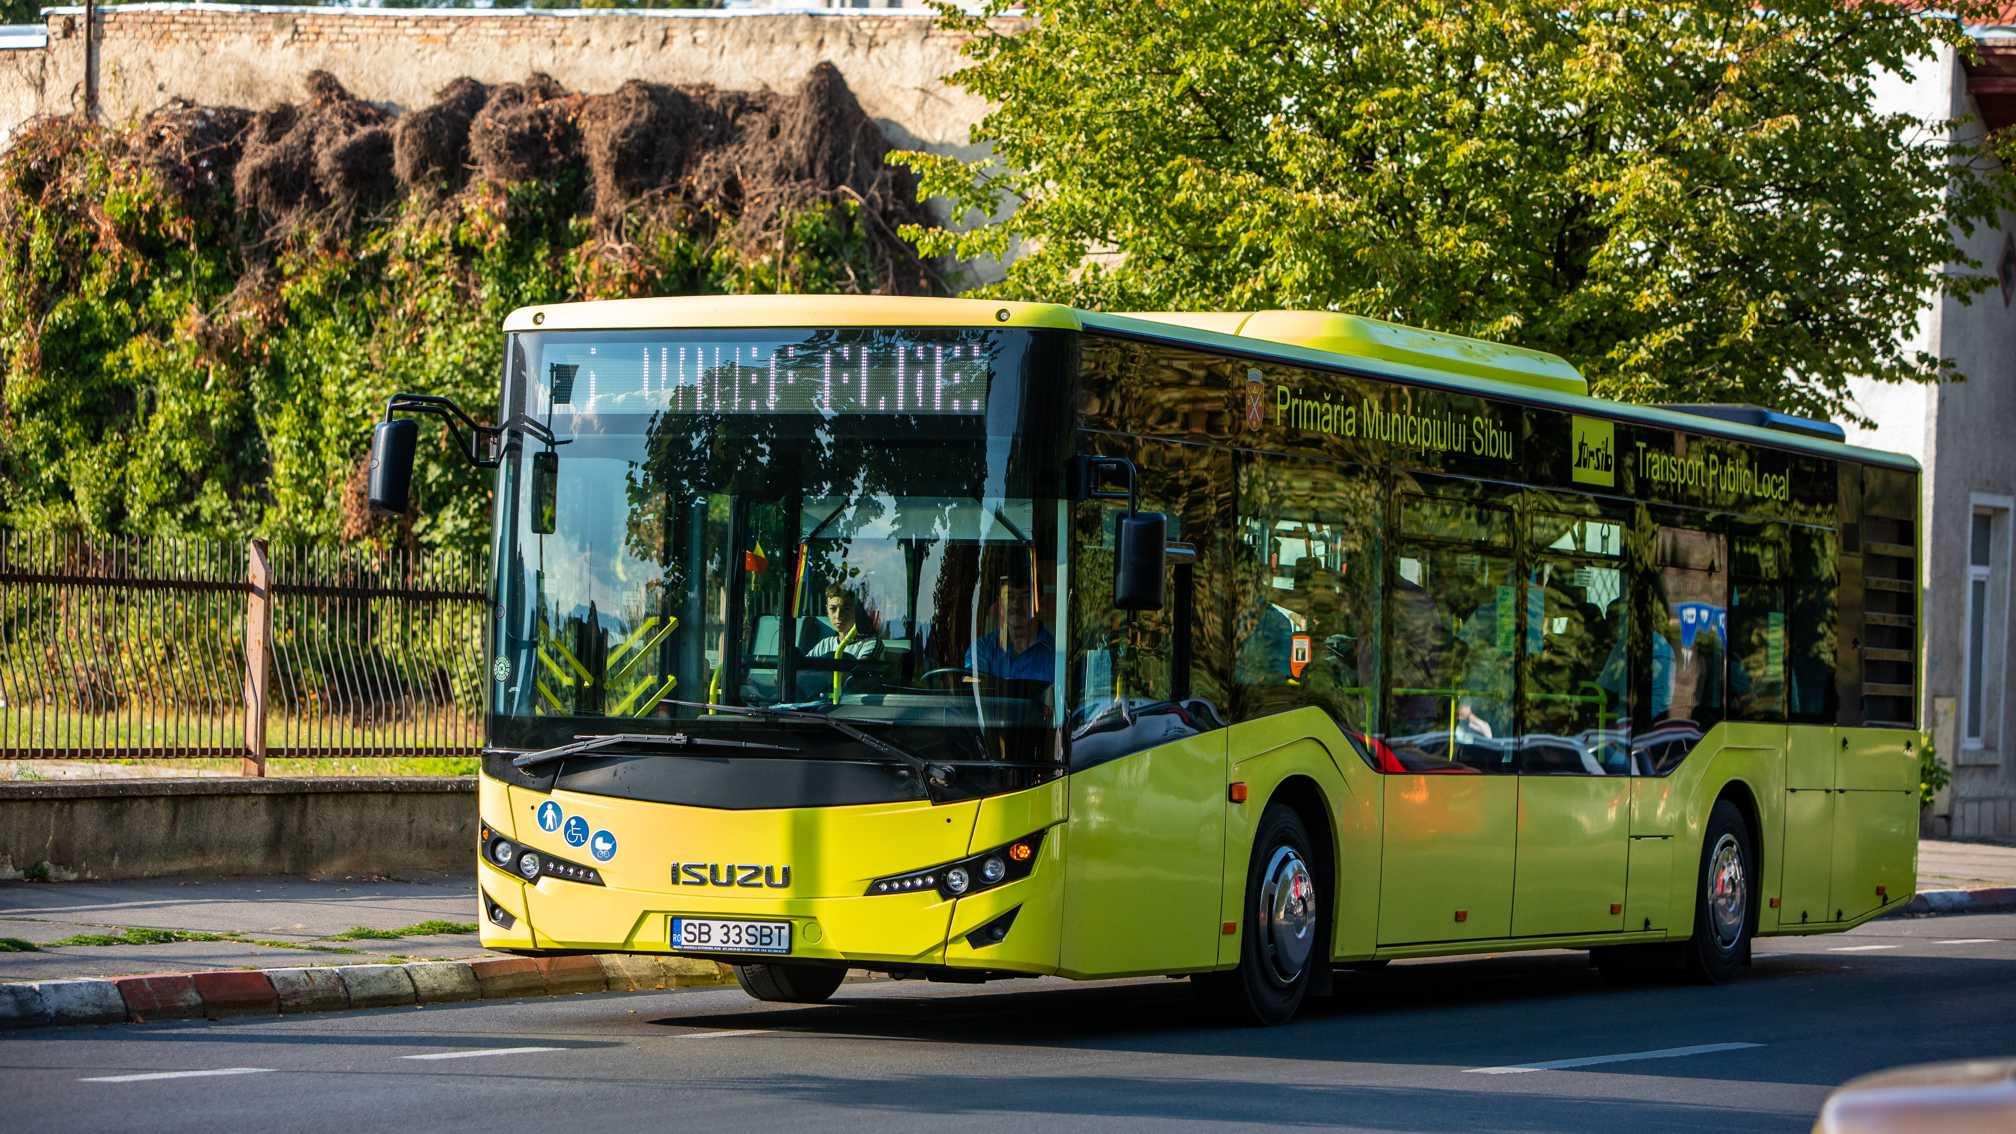 Gratuitate pentru elevi la transport public